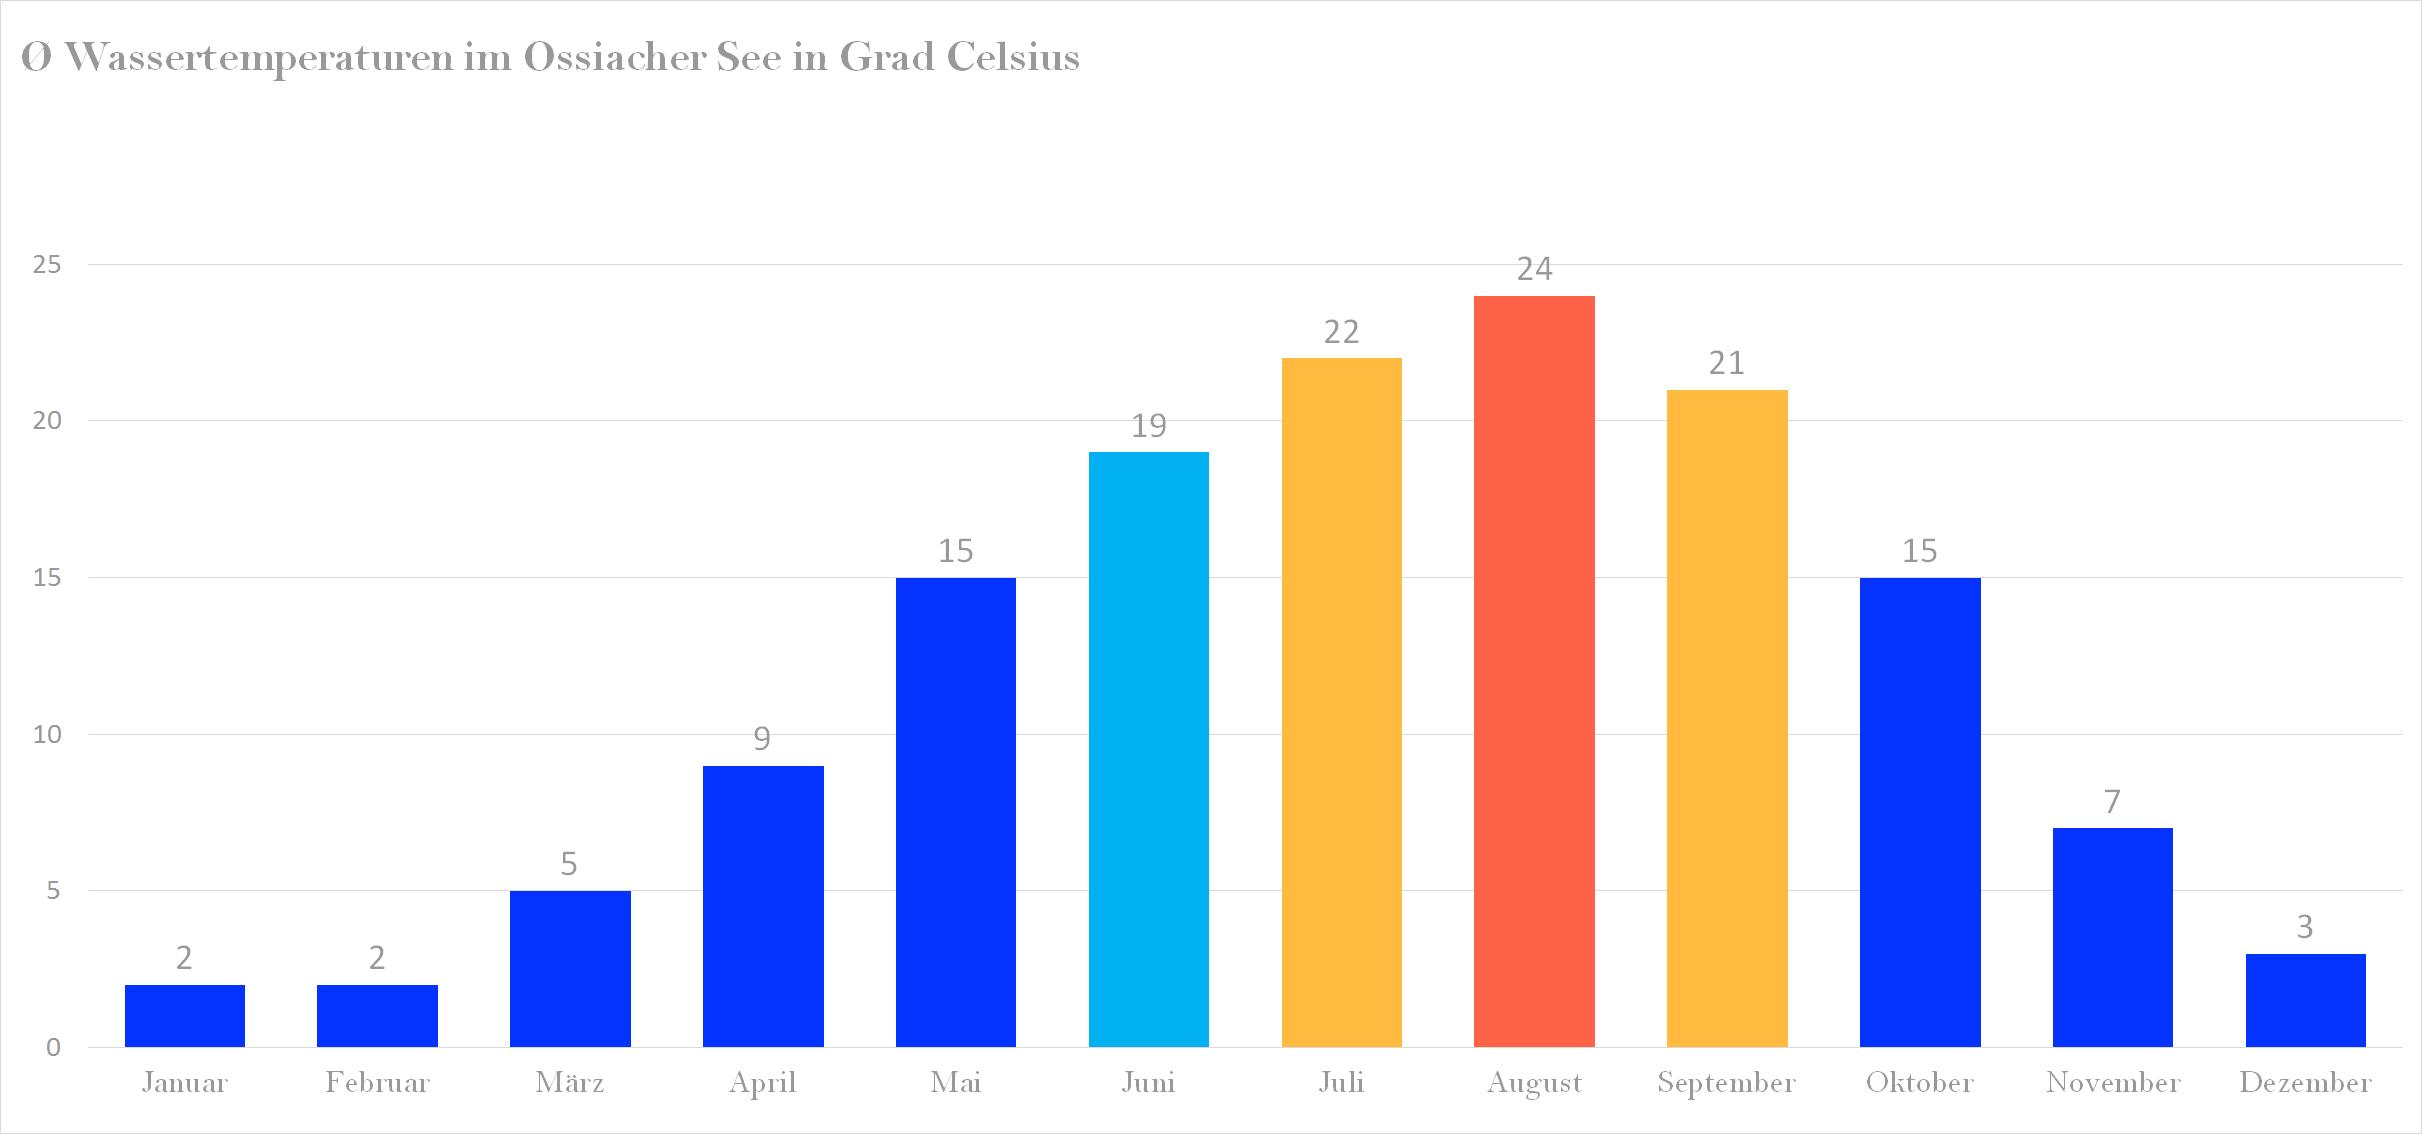 Durchschnittliche Wassertemperaturen im Ossiacher See nach Monaten